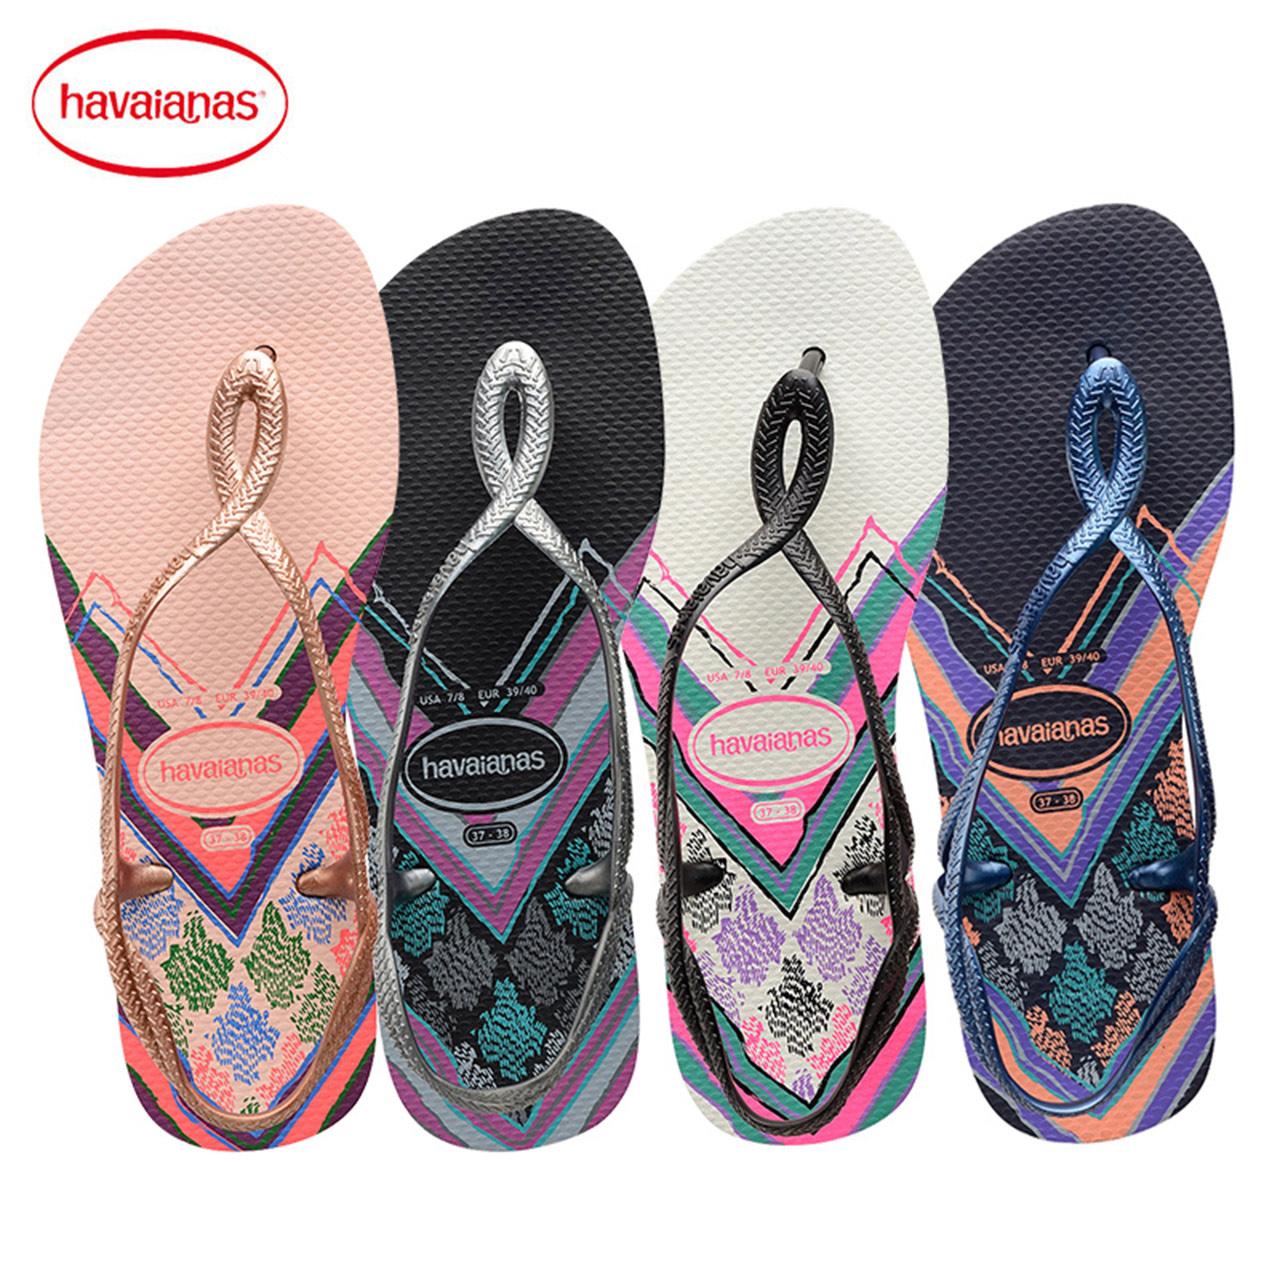 粉红色凉鞋 Havaianas巴西2018新品人字拖女款LUNA PRINT凉鞋粉红色拖鞋哈瓦_推荐淘宝好看的粉红色凉鞋